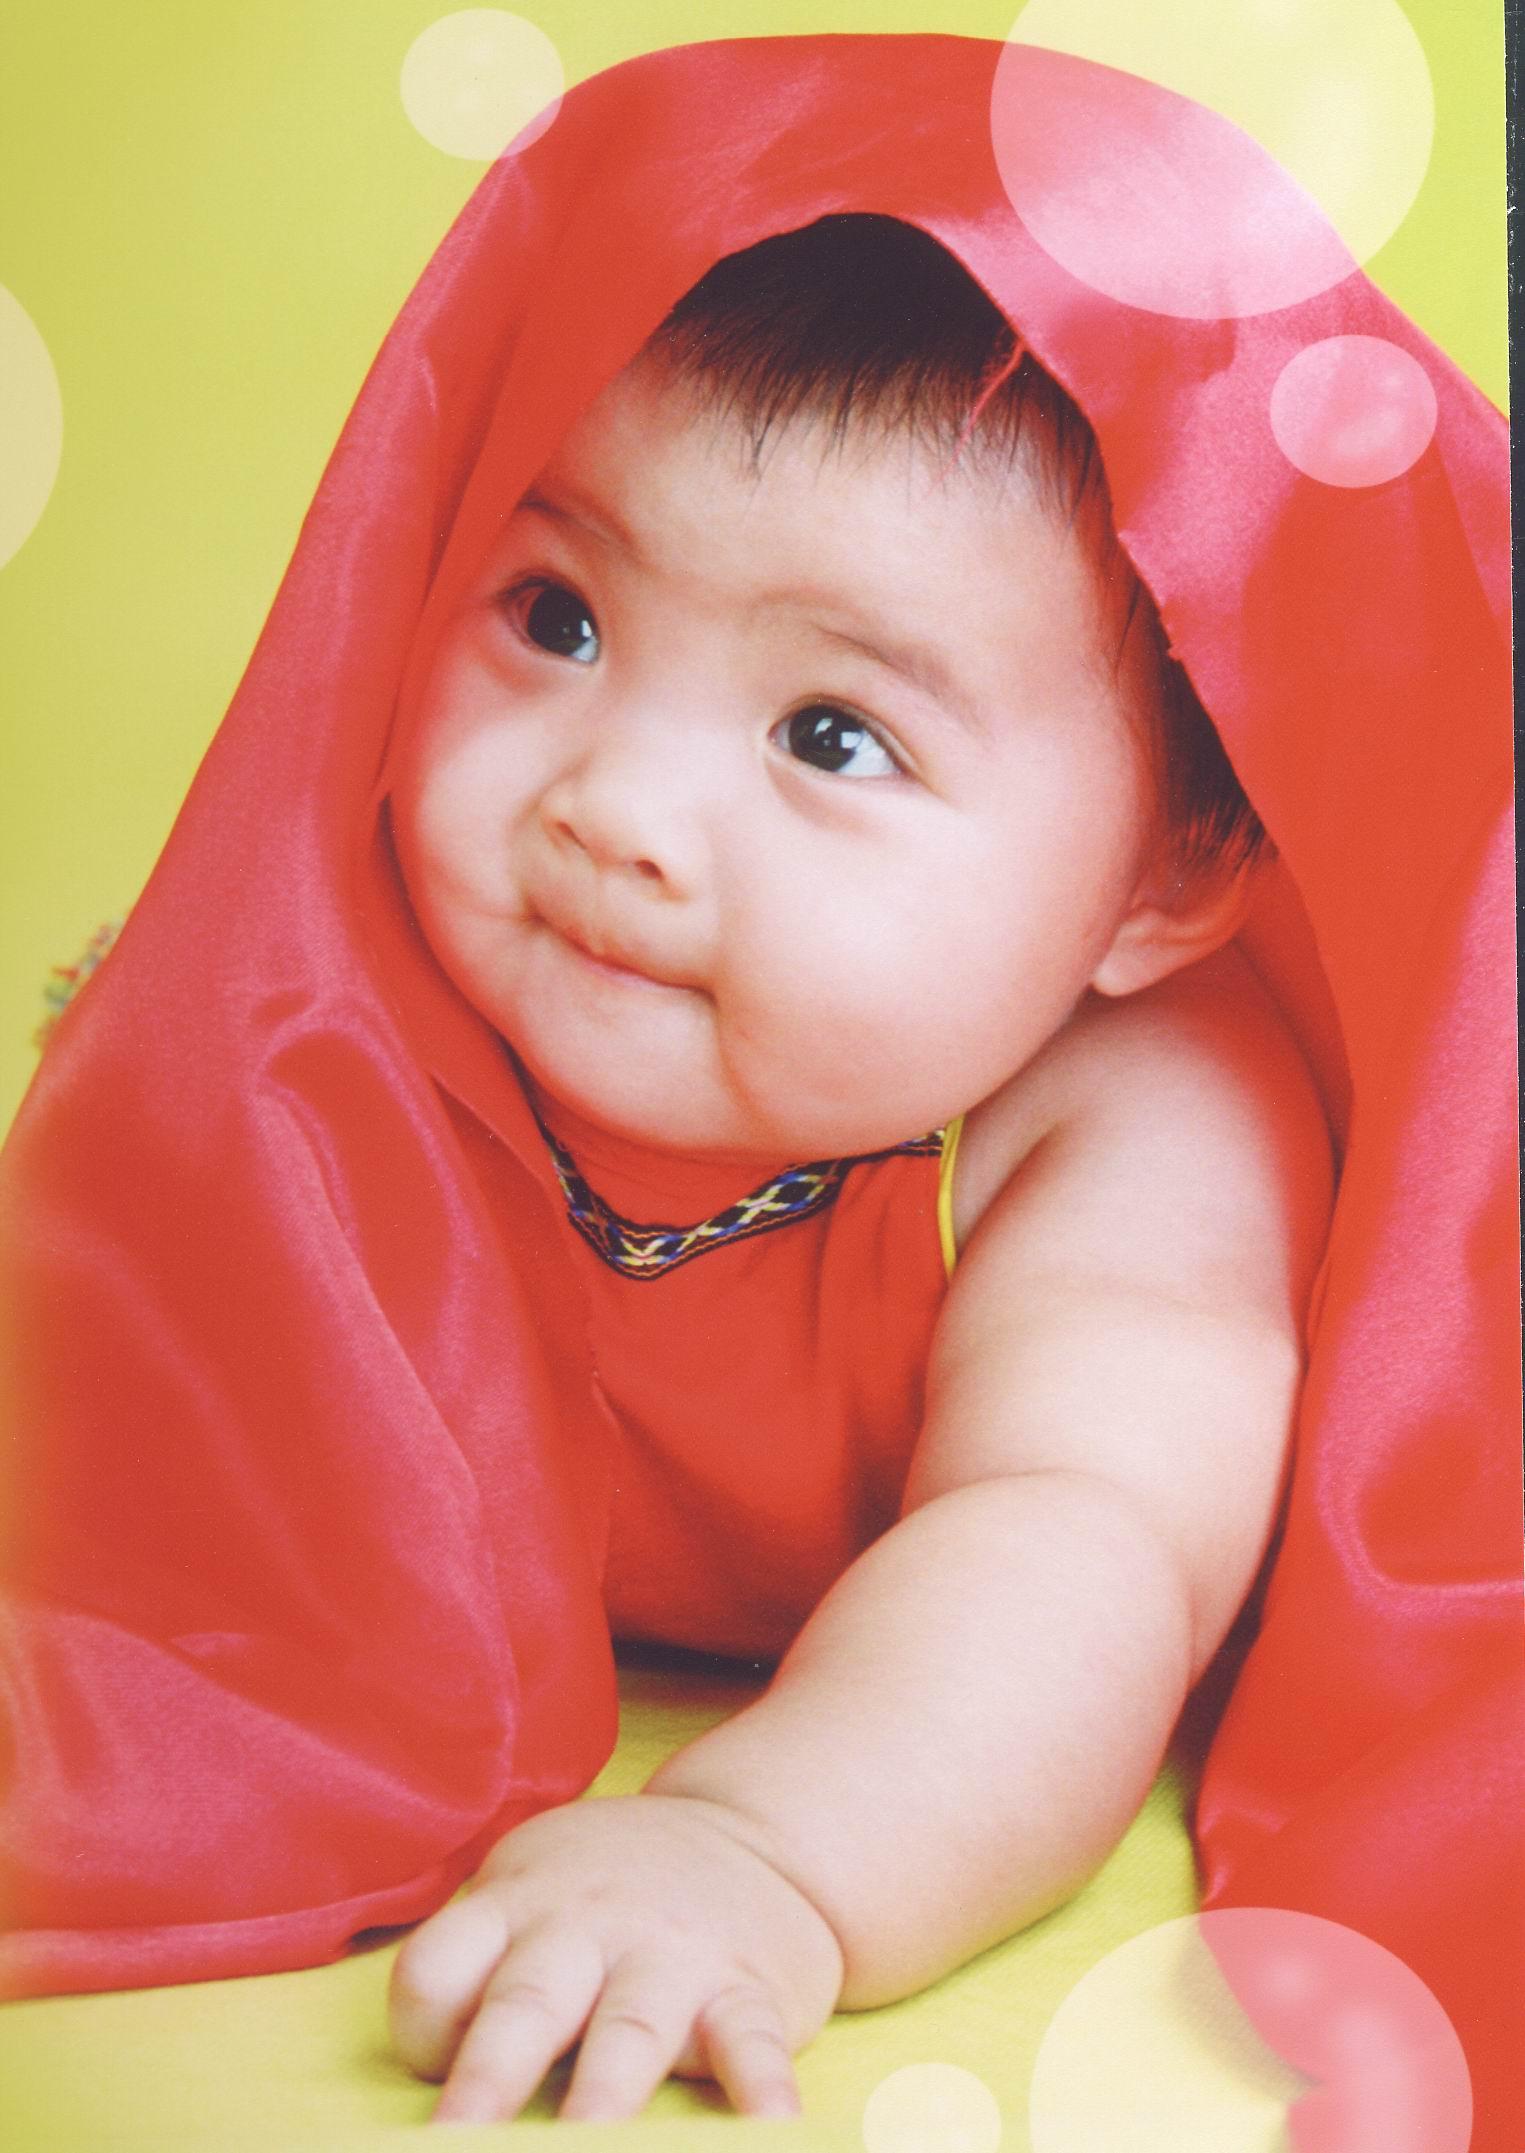 大眼睛可爱宝宝艺术照